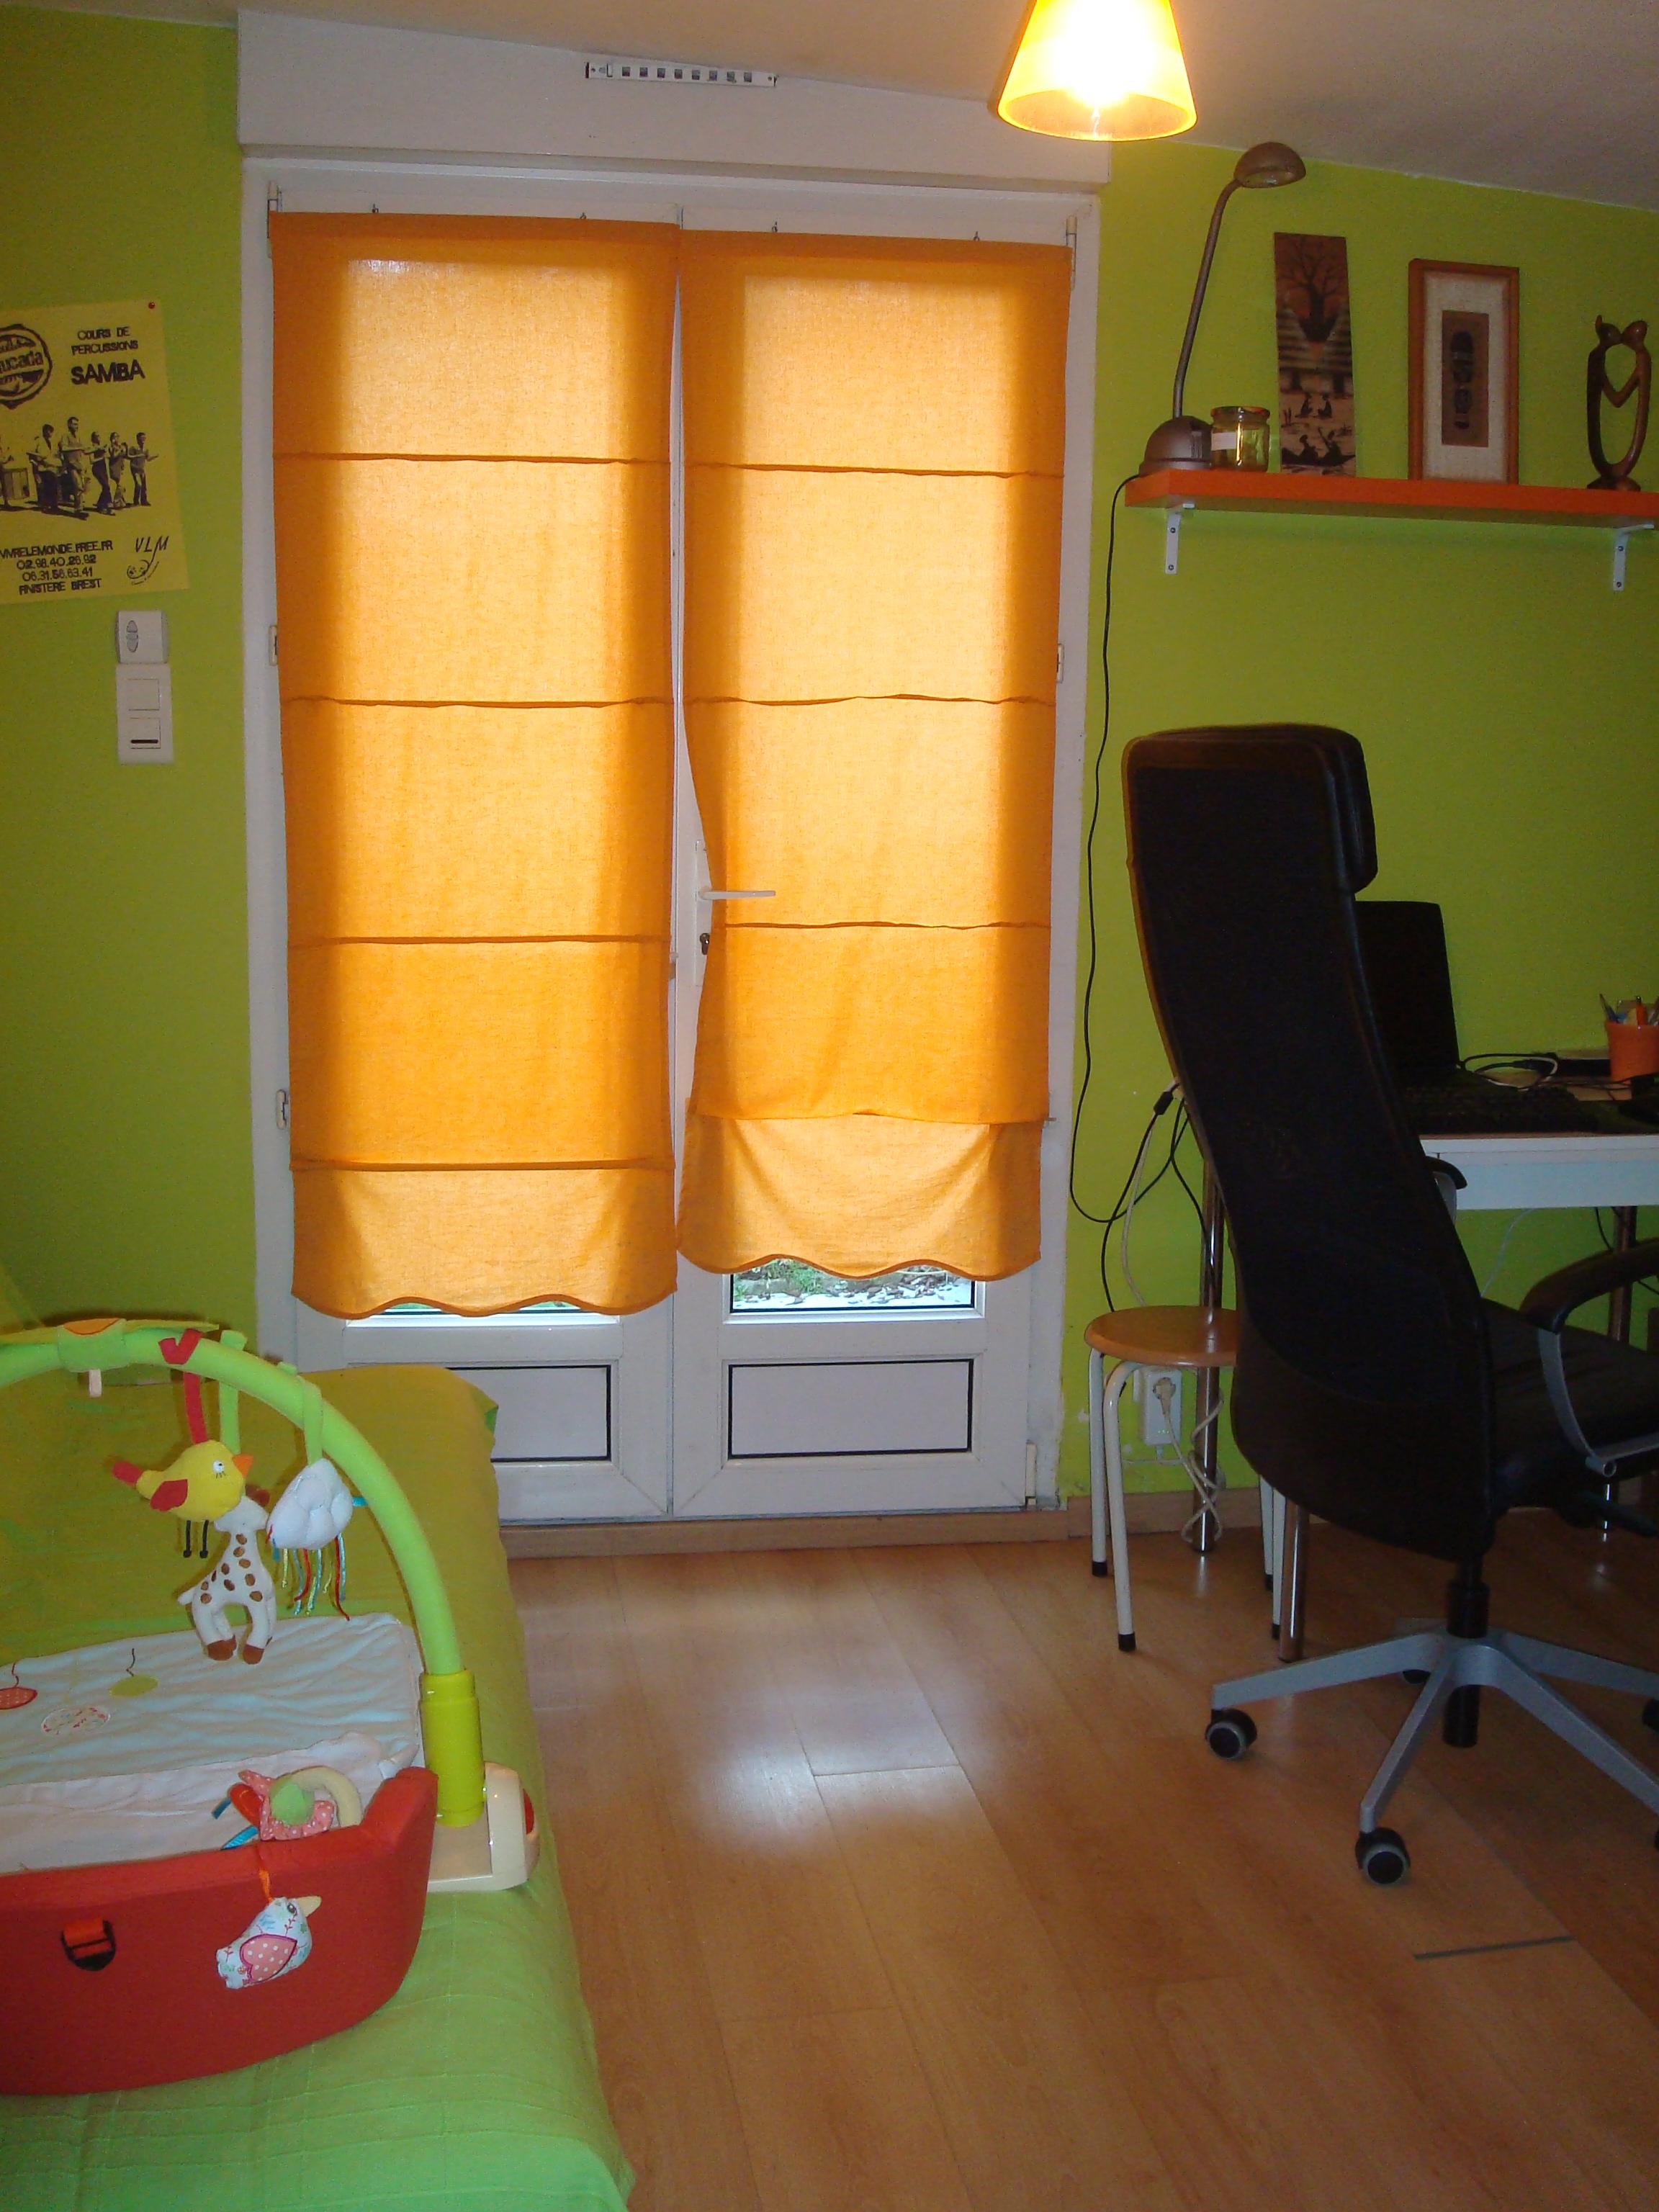 maison t5 brest saint marc 157 500 fai brest appartement maison dom immo agence. Black Bedroom Furniture Sets. Home Design Ideas